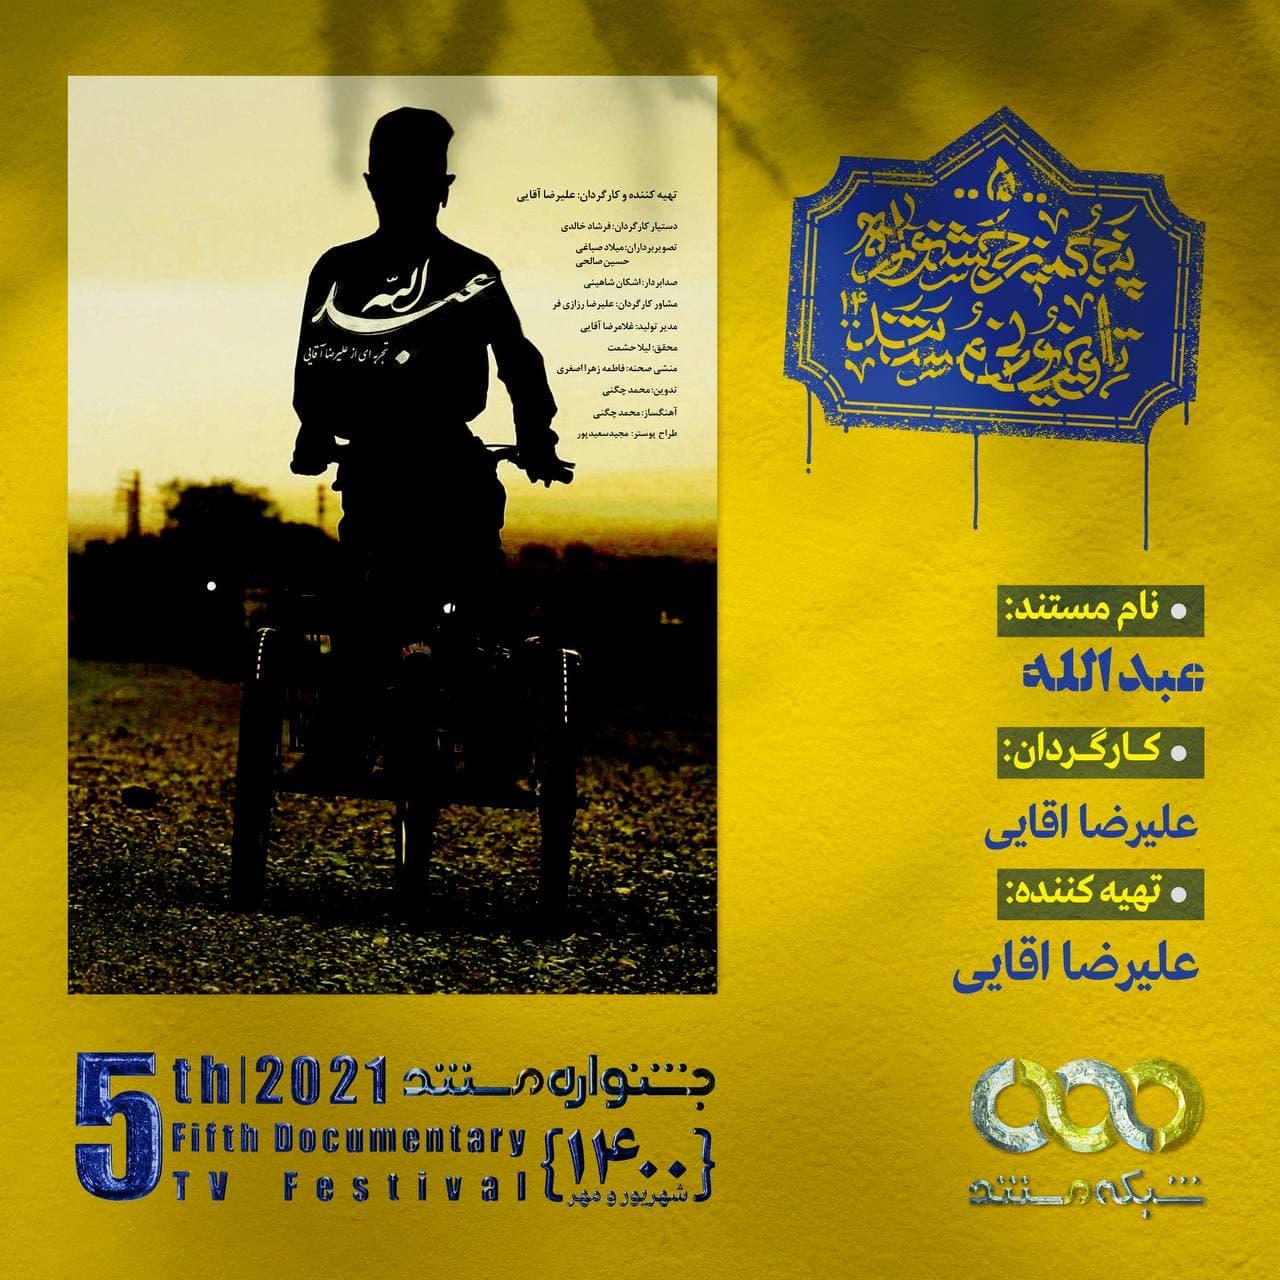 نقد مستند «عبدالله»